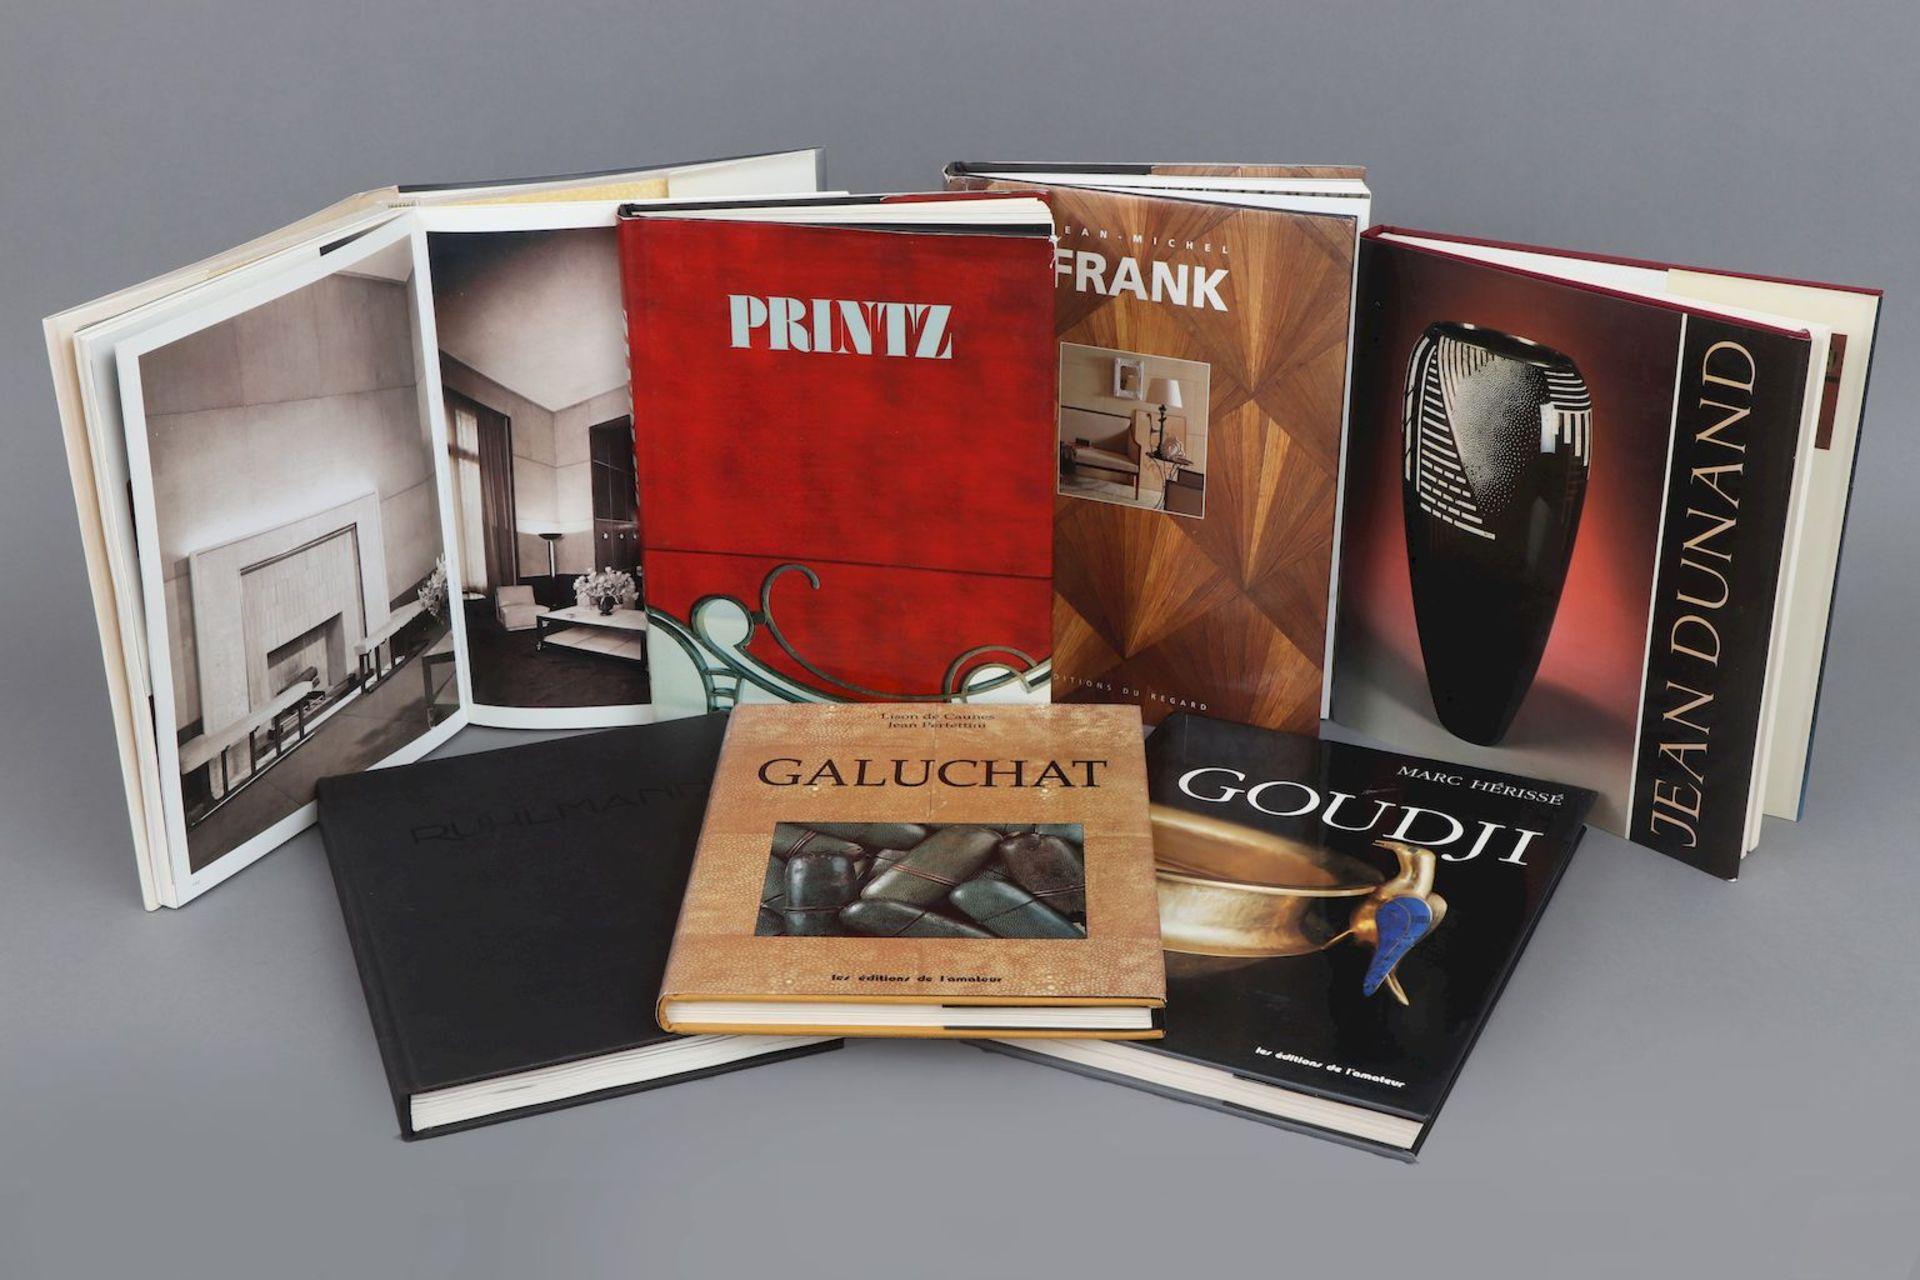 7 Kunstbücher zum Thema ¨Französische Designer des 20. Jahrhunderts¨ - Image 2 of 2